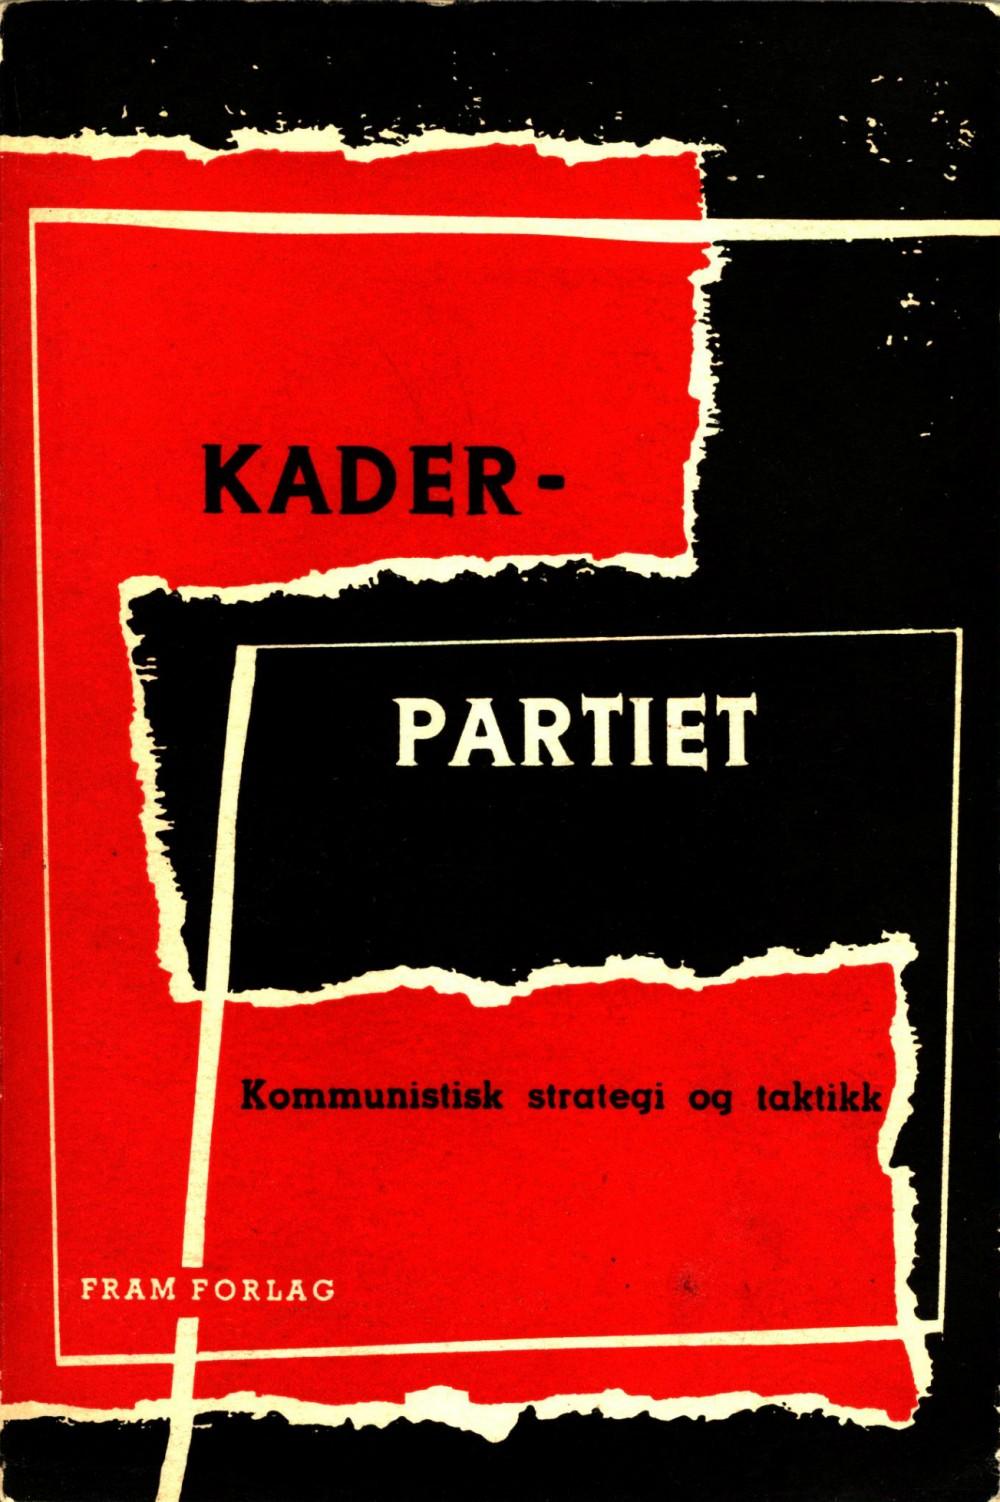 Haakon Lie (red): Kaderpartiet - Kommunistisk strategi og taktikk